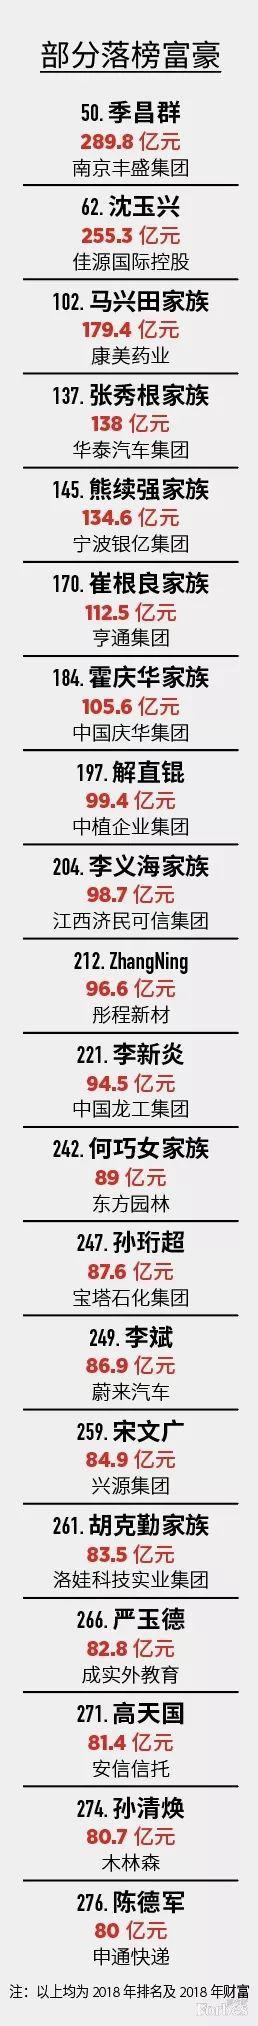 王健林财富缩水682亿元详细新闻介绍 王健林财富为什么缩水身价是多少